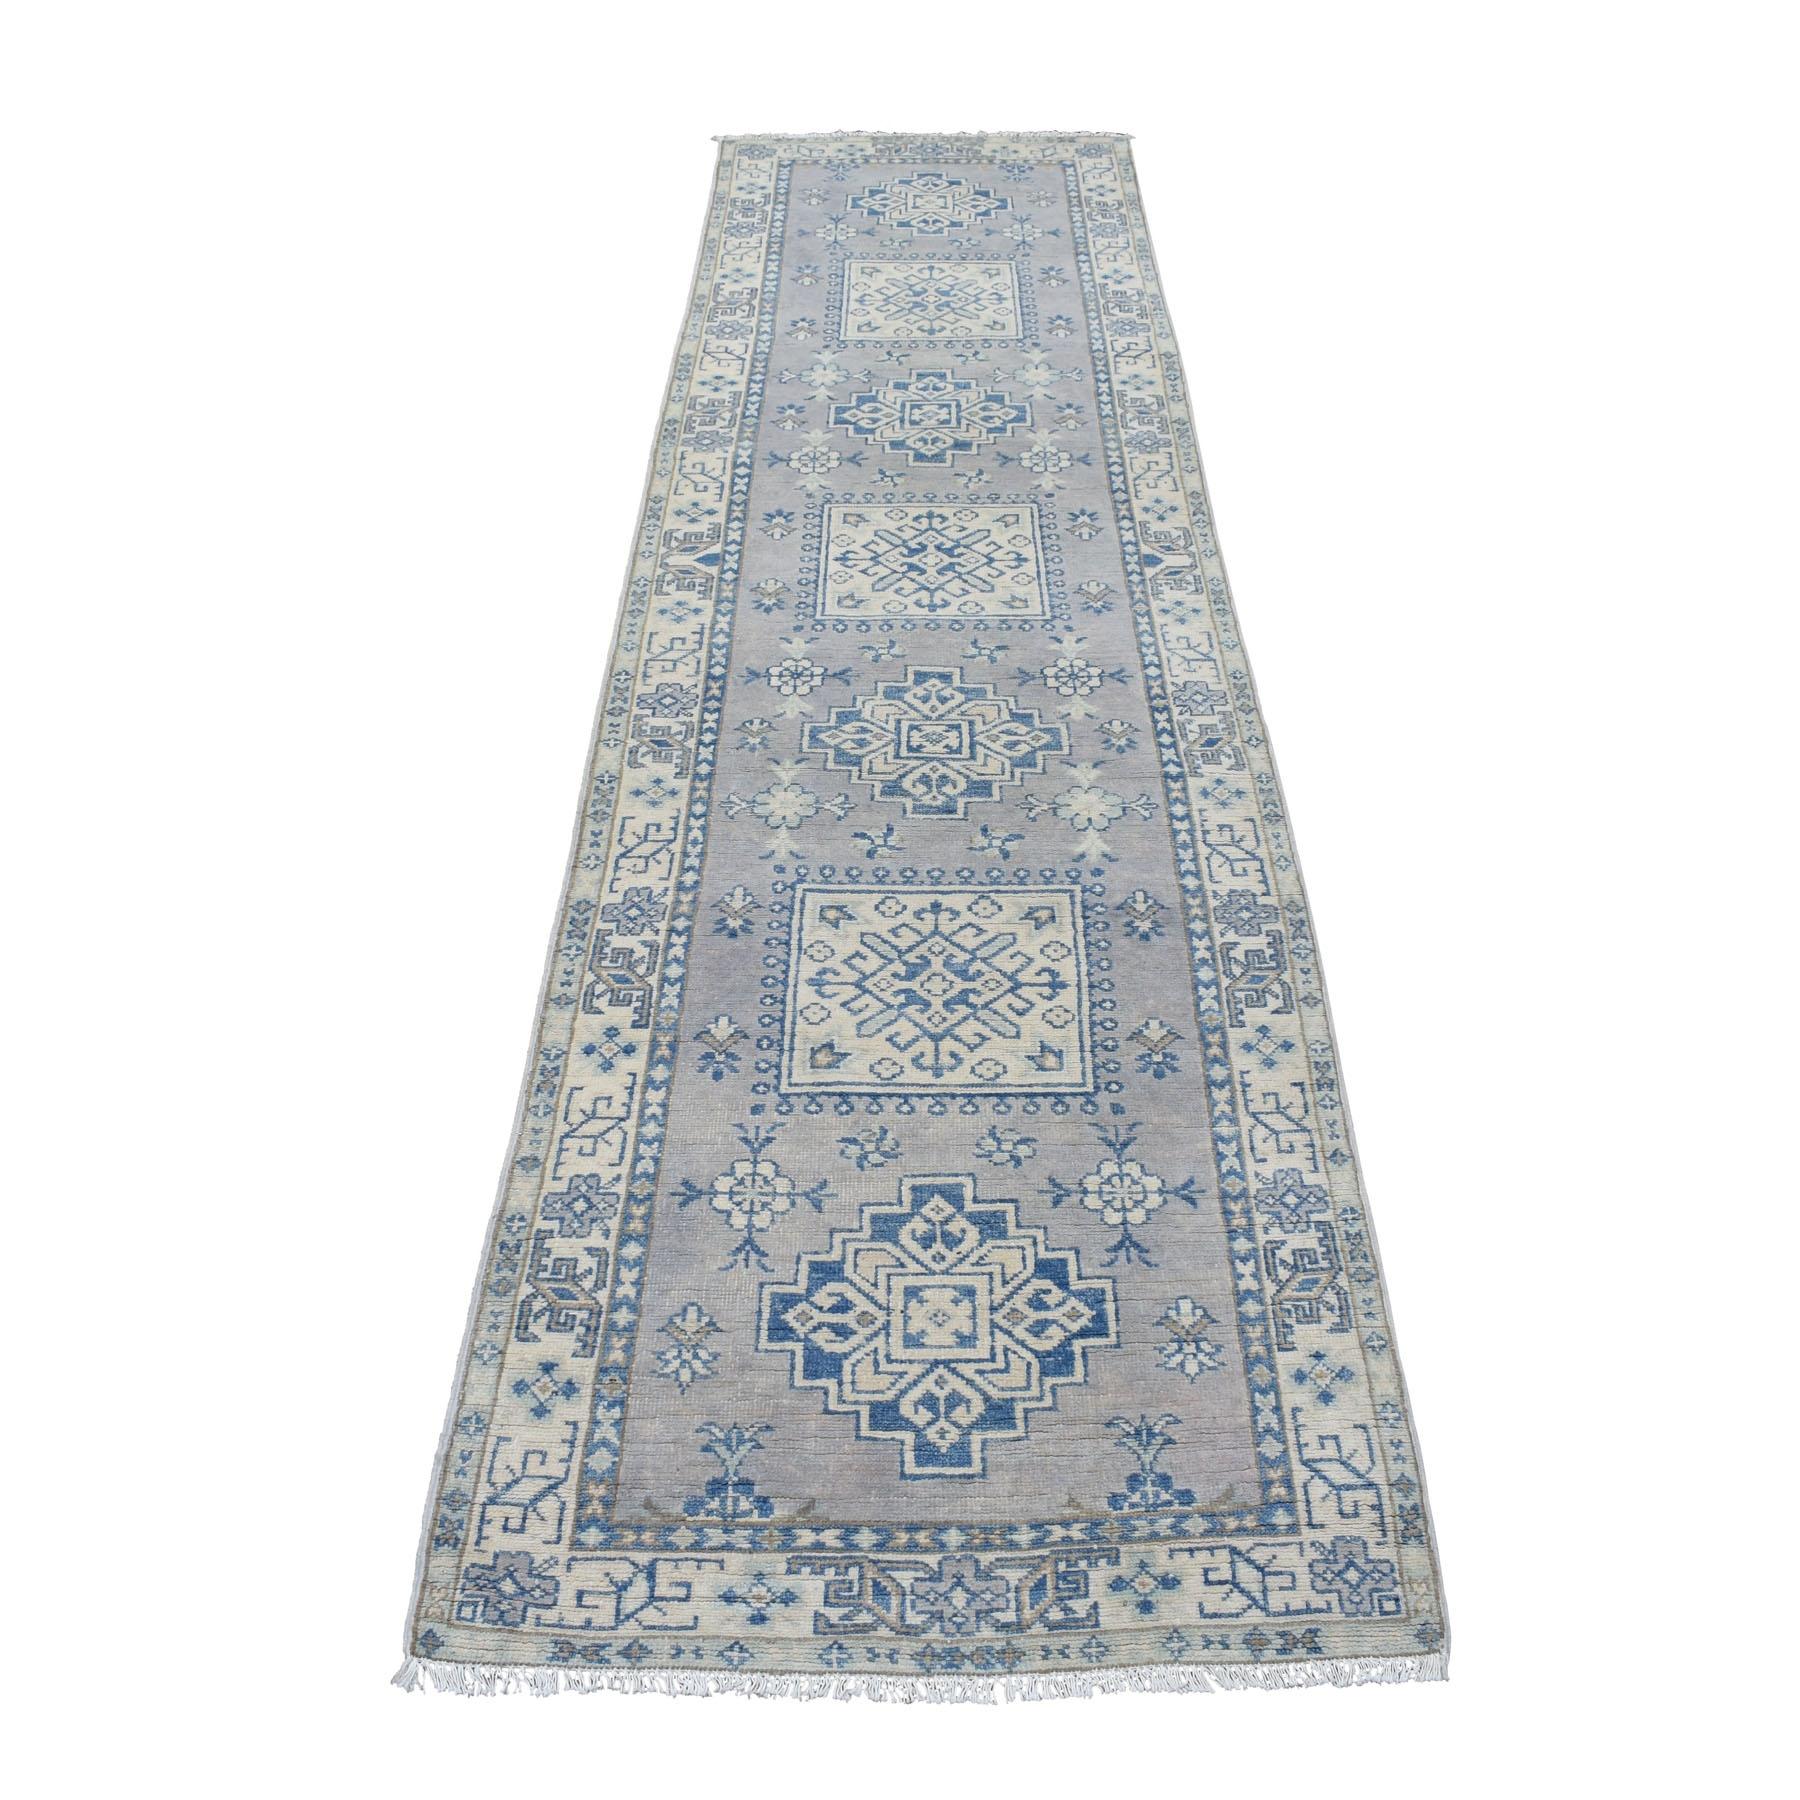 2-6 x9-7  Gray Wide Runner Natural Wool Afghan Vintage Look Kazak Hand Knotted Oriental Rug